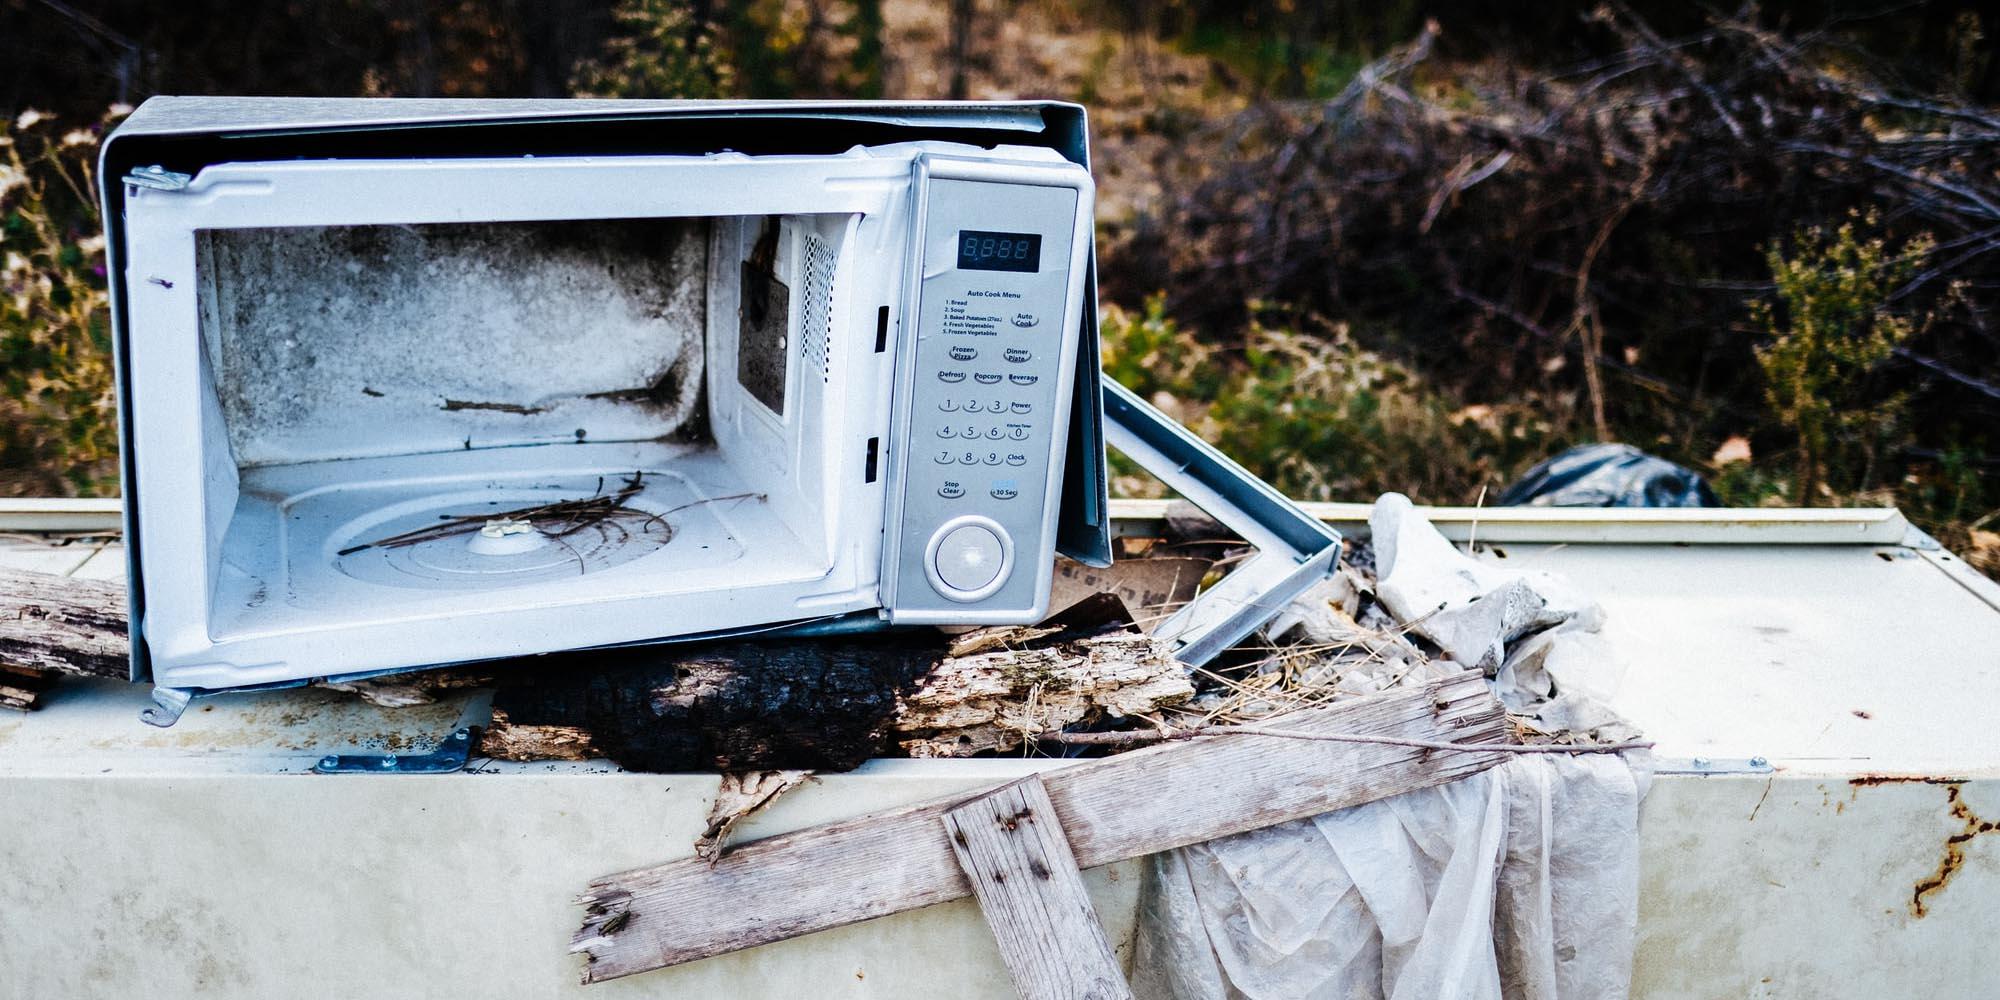 Image appareil ménager cassé